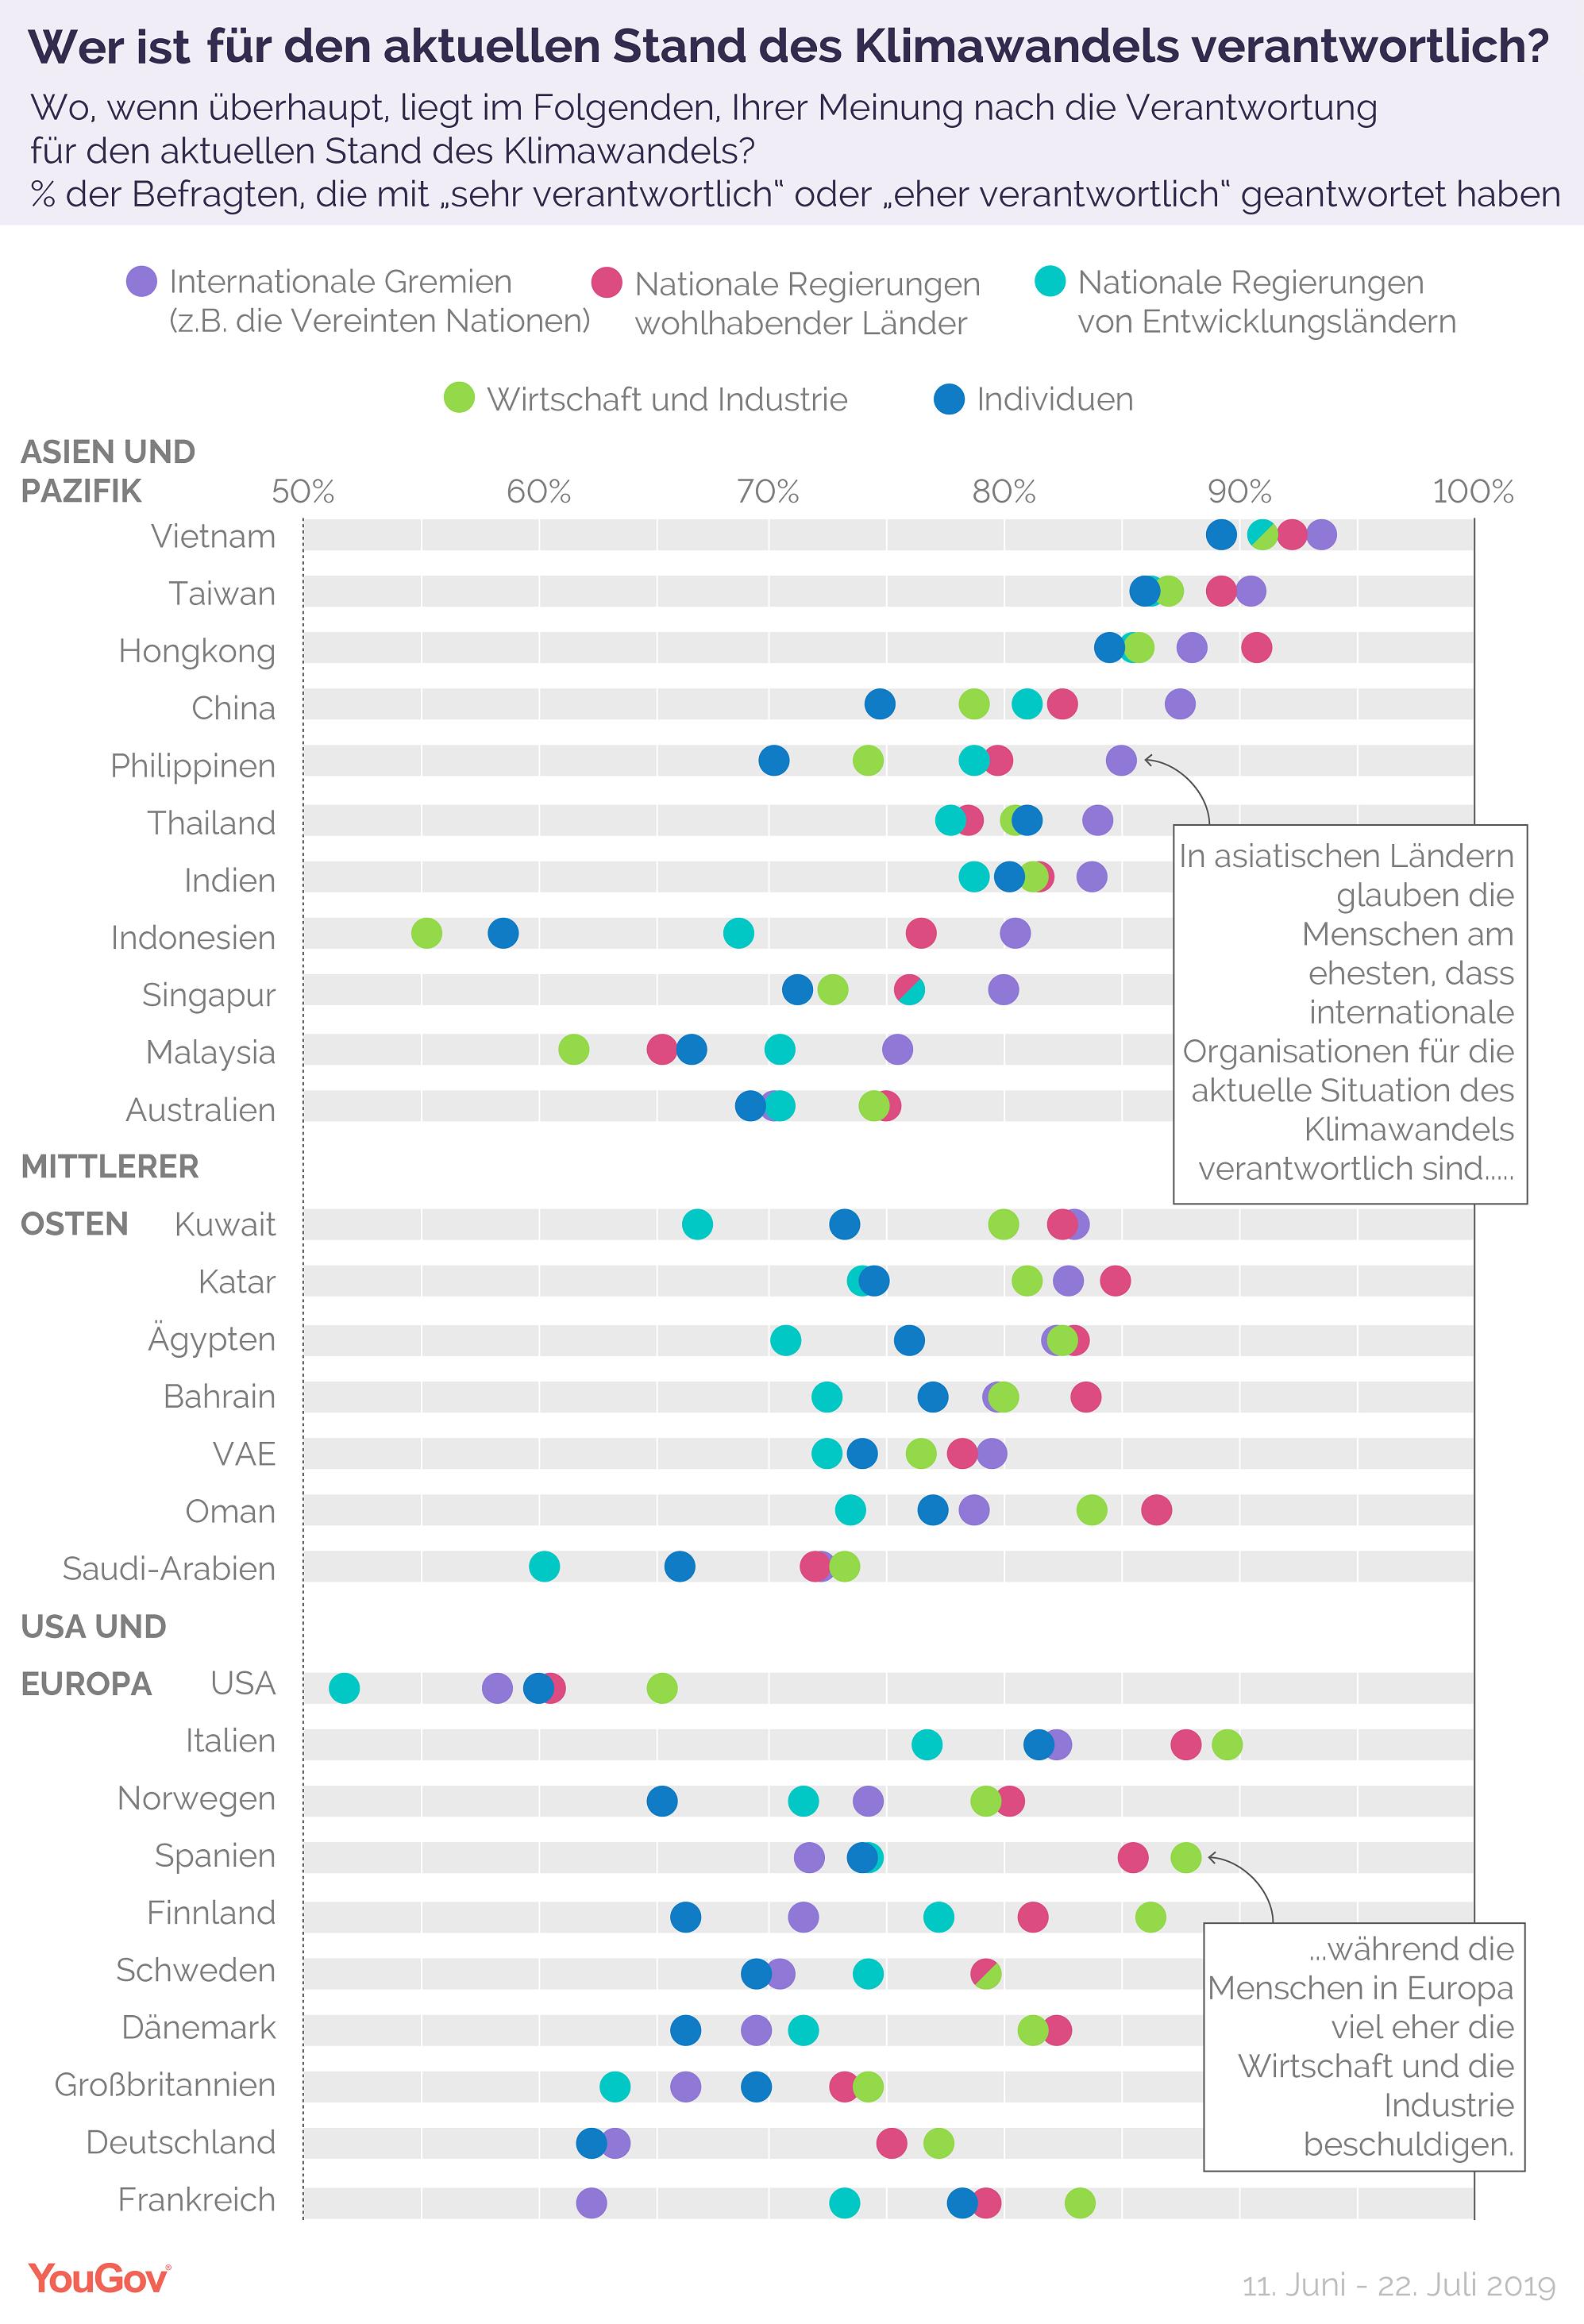 Grafik Verantwortung für Klimawandel